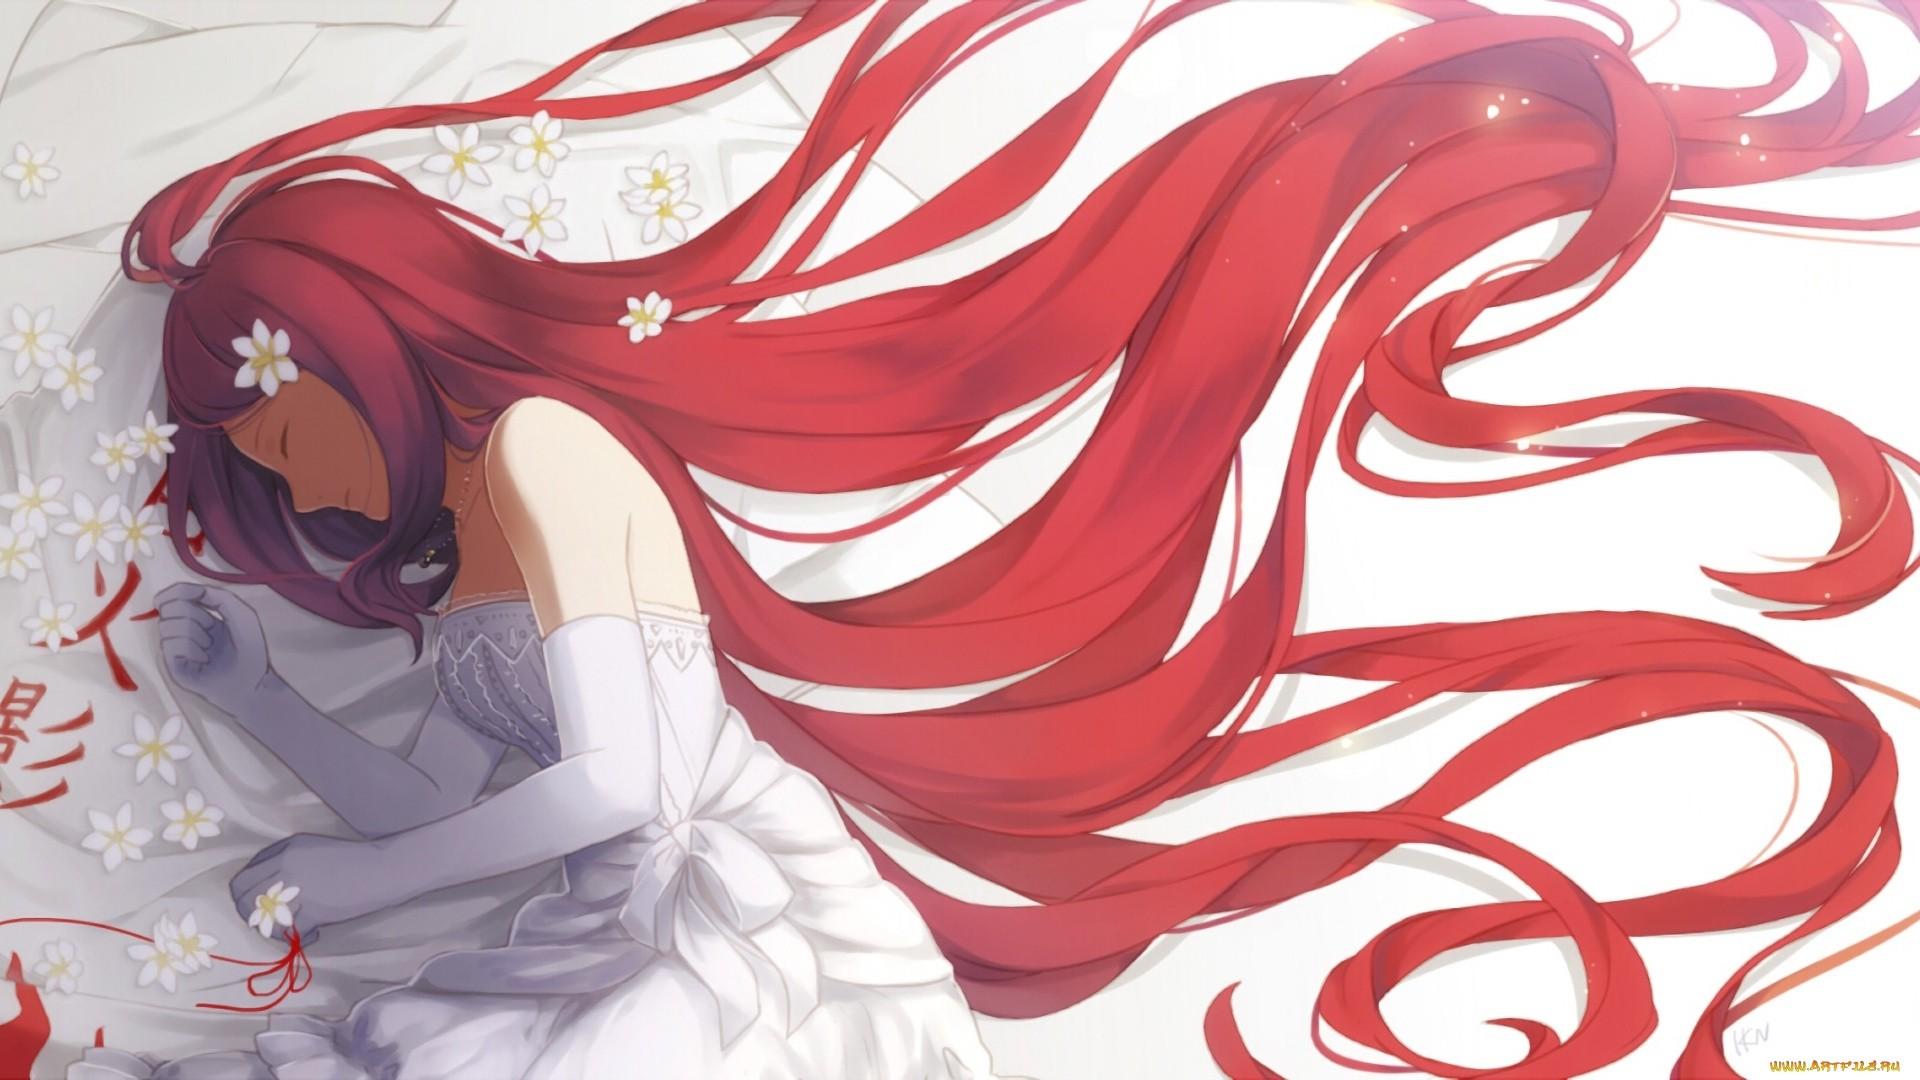 Red Hair Anime Girl hd desktop wallpaper